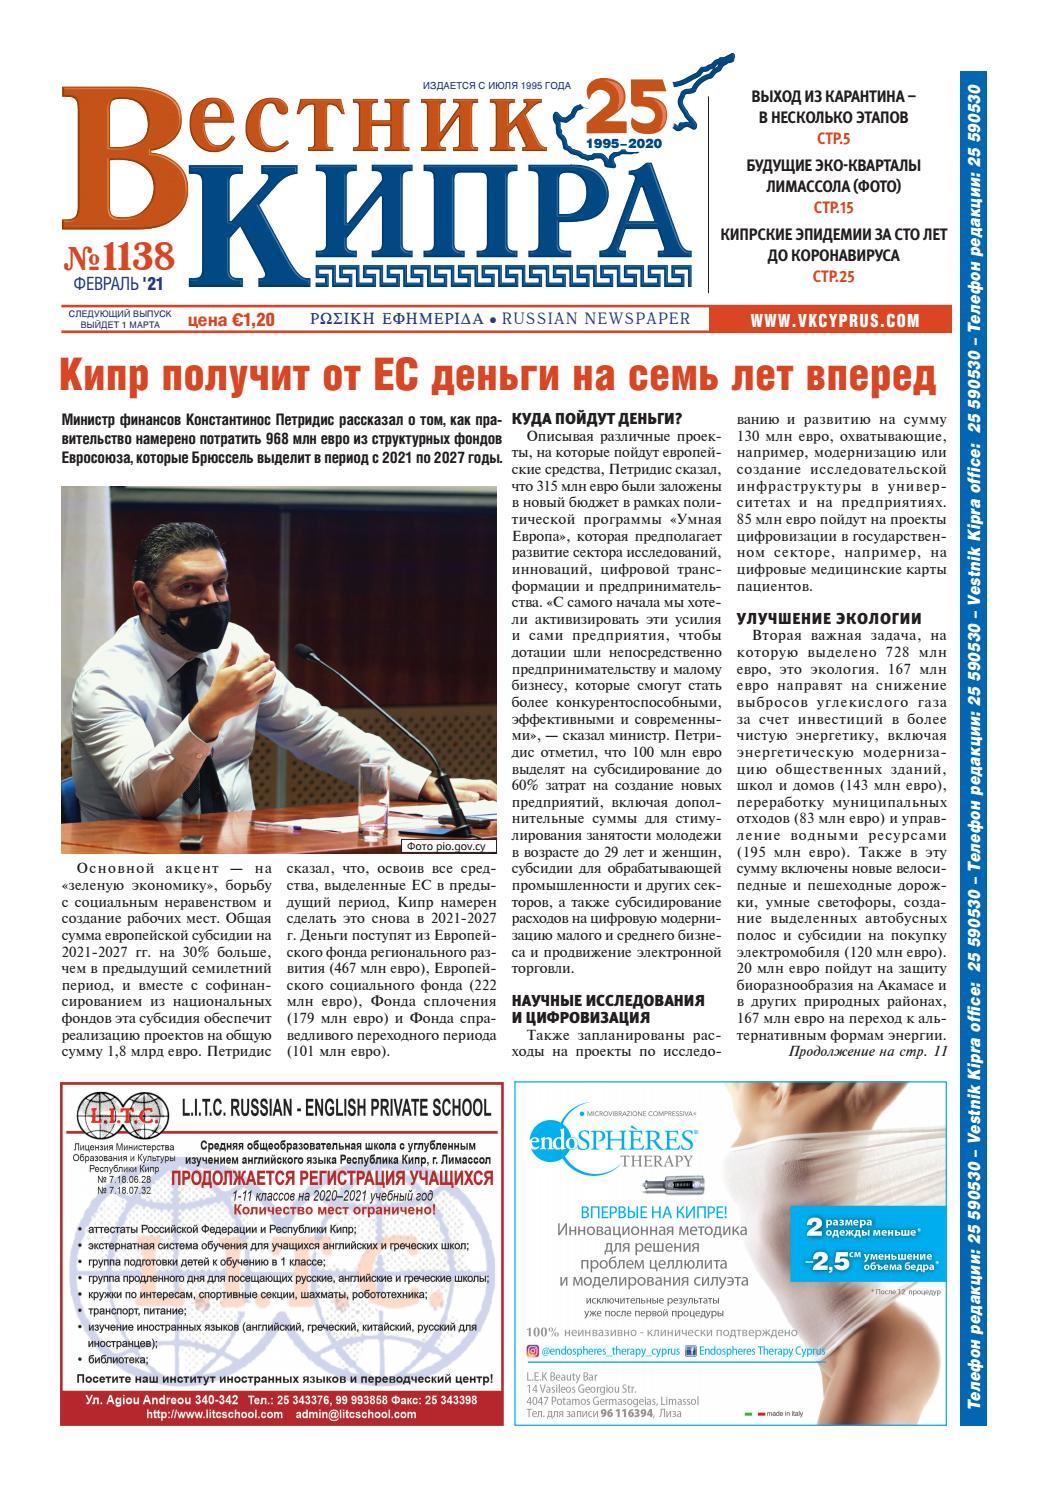 Вестник Кипра №1138, февраль 2021